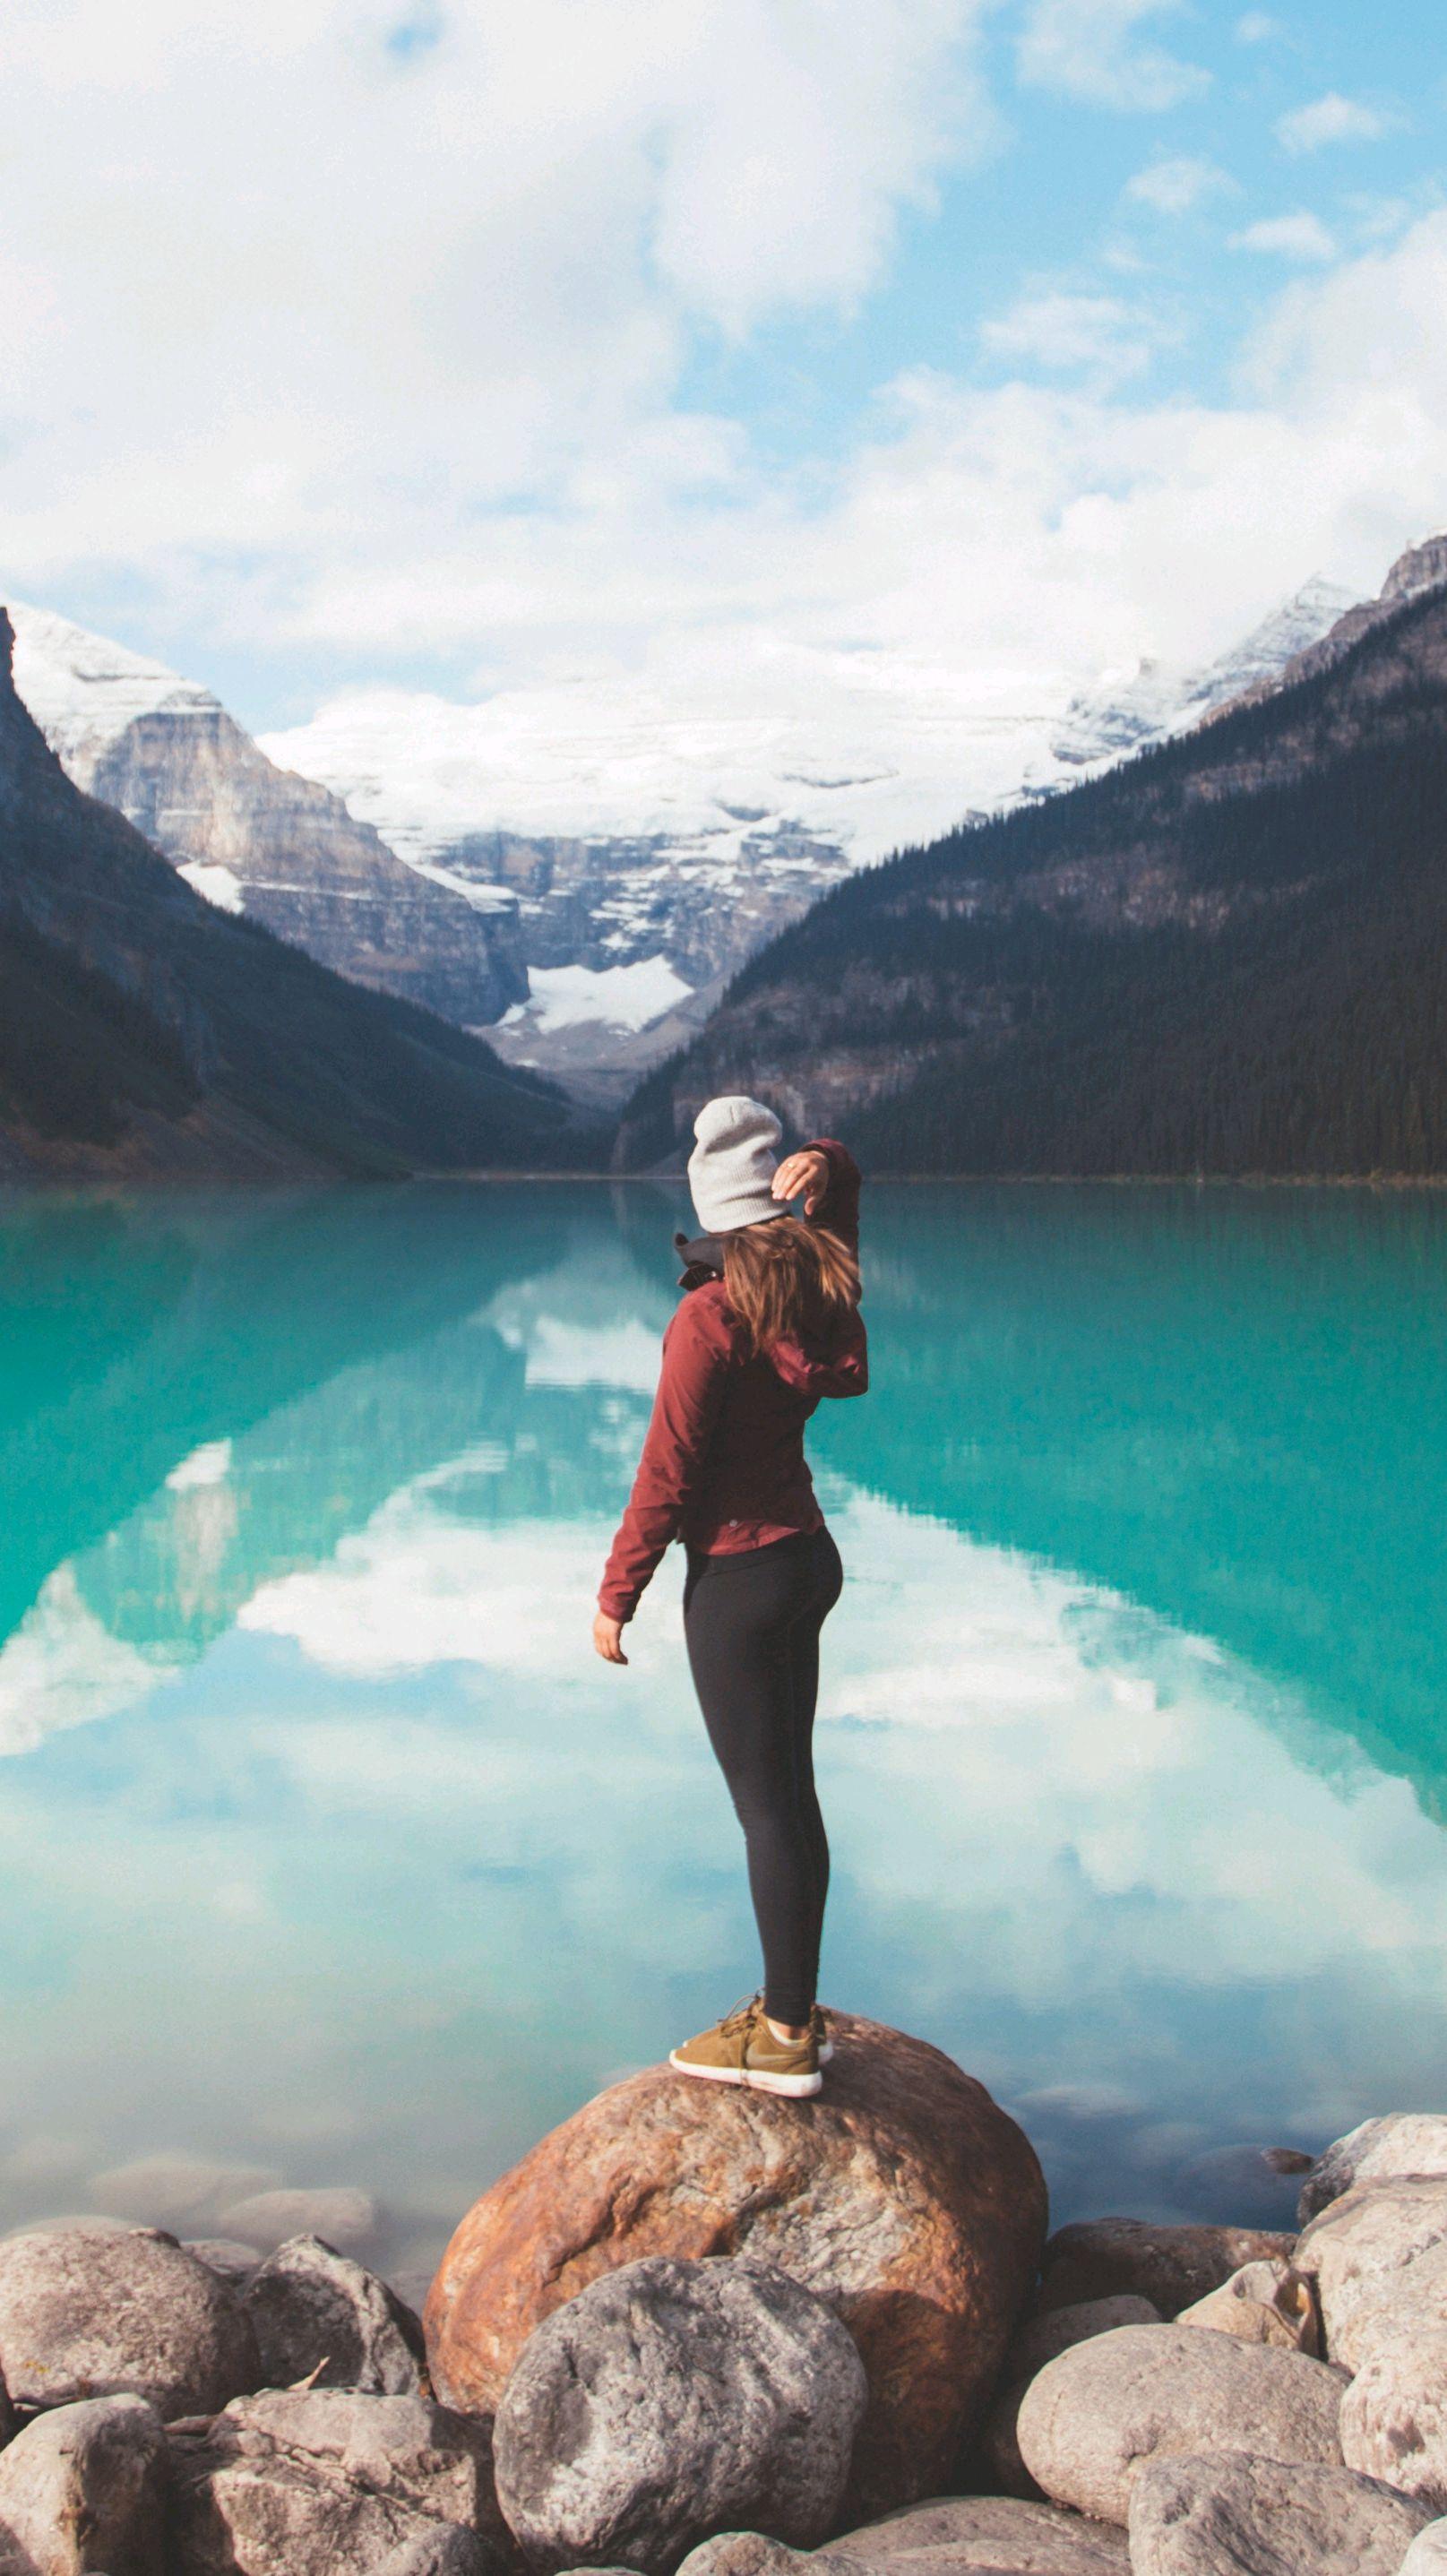 Girl at Deep Blue Lake Alberta Canada iPhone Wallpaper iphoneswallpapers com